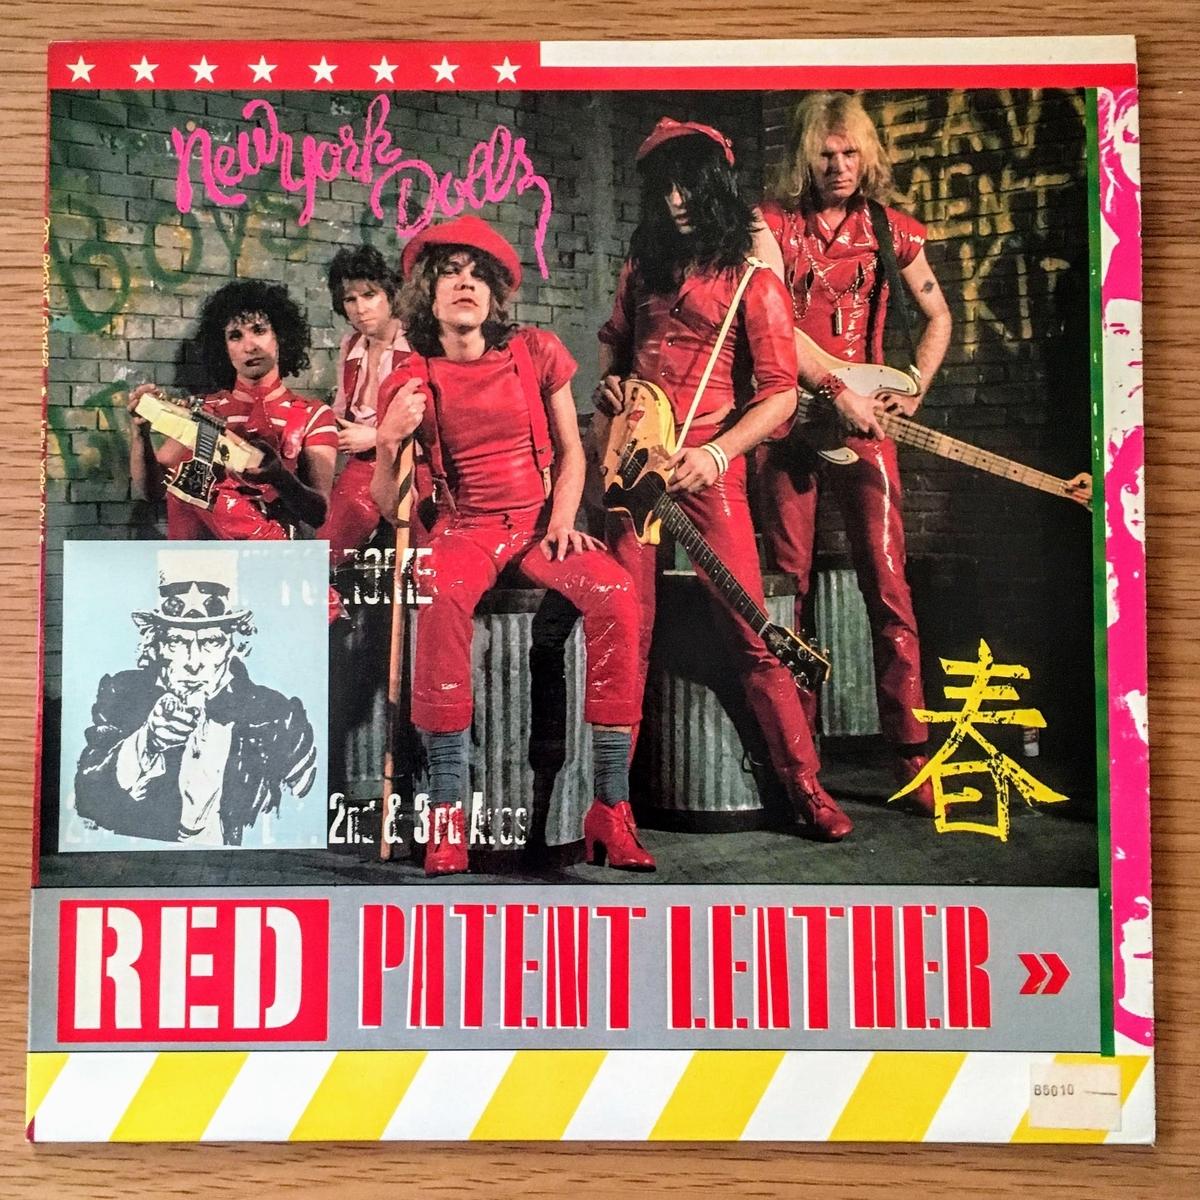 ニューヨーク・ドールズのRed Patent Leather レコード